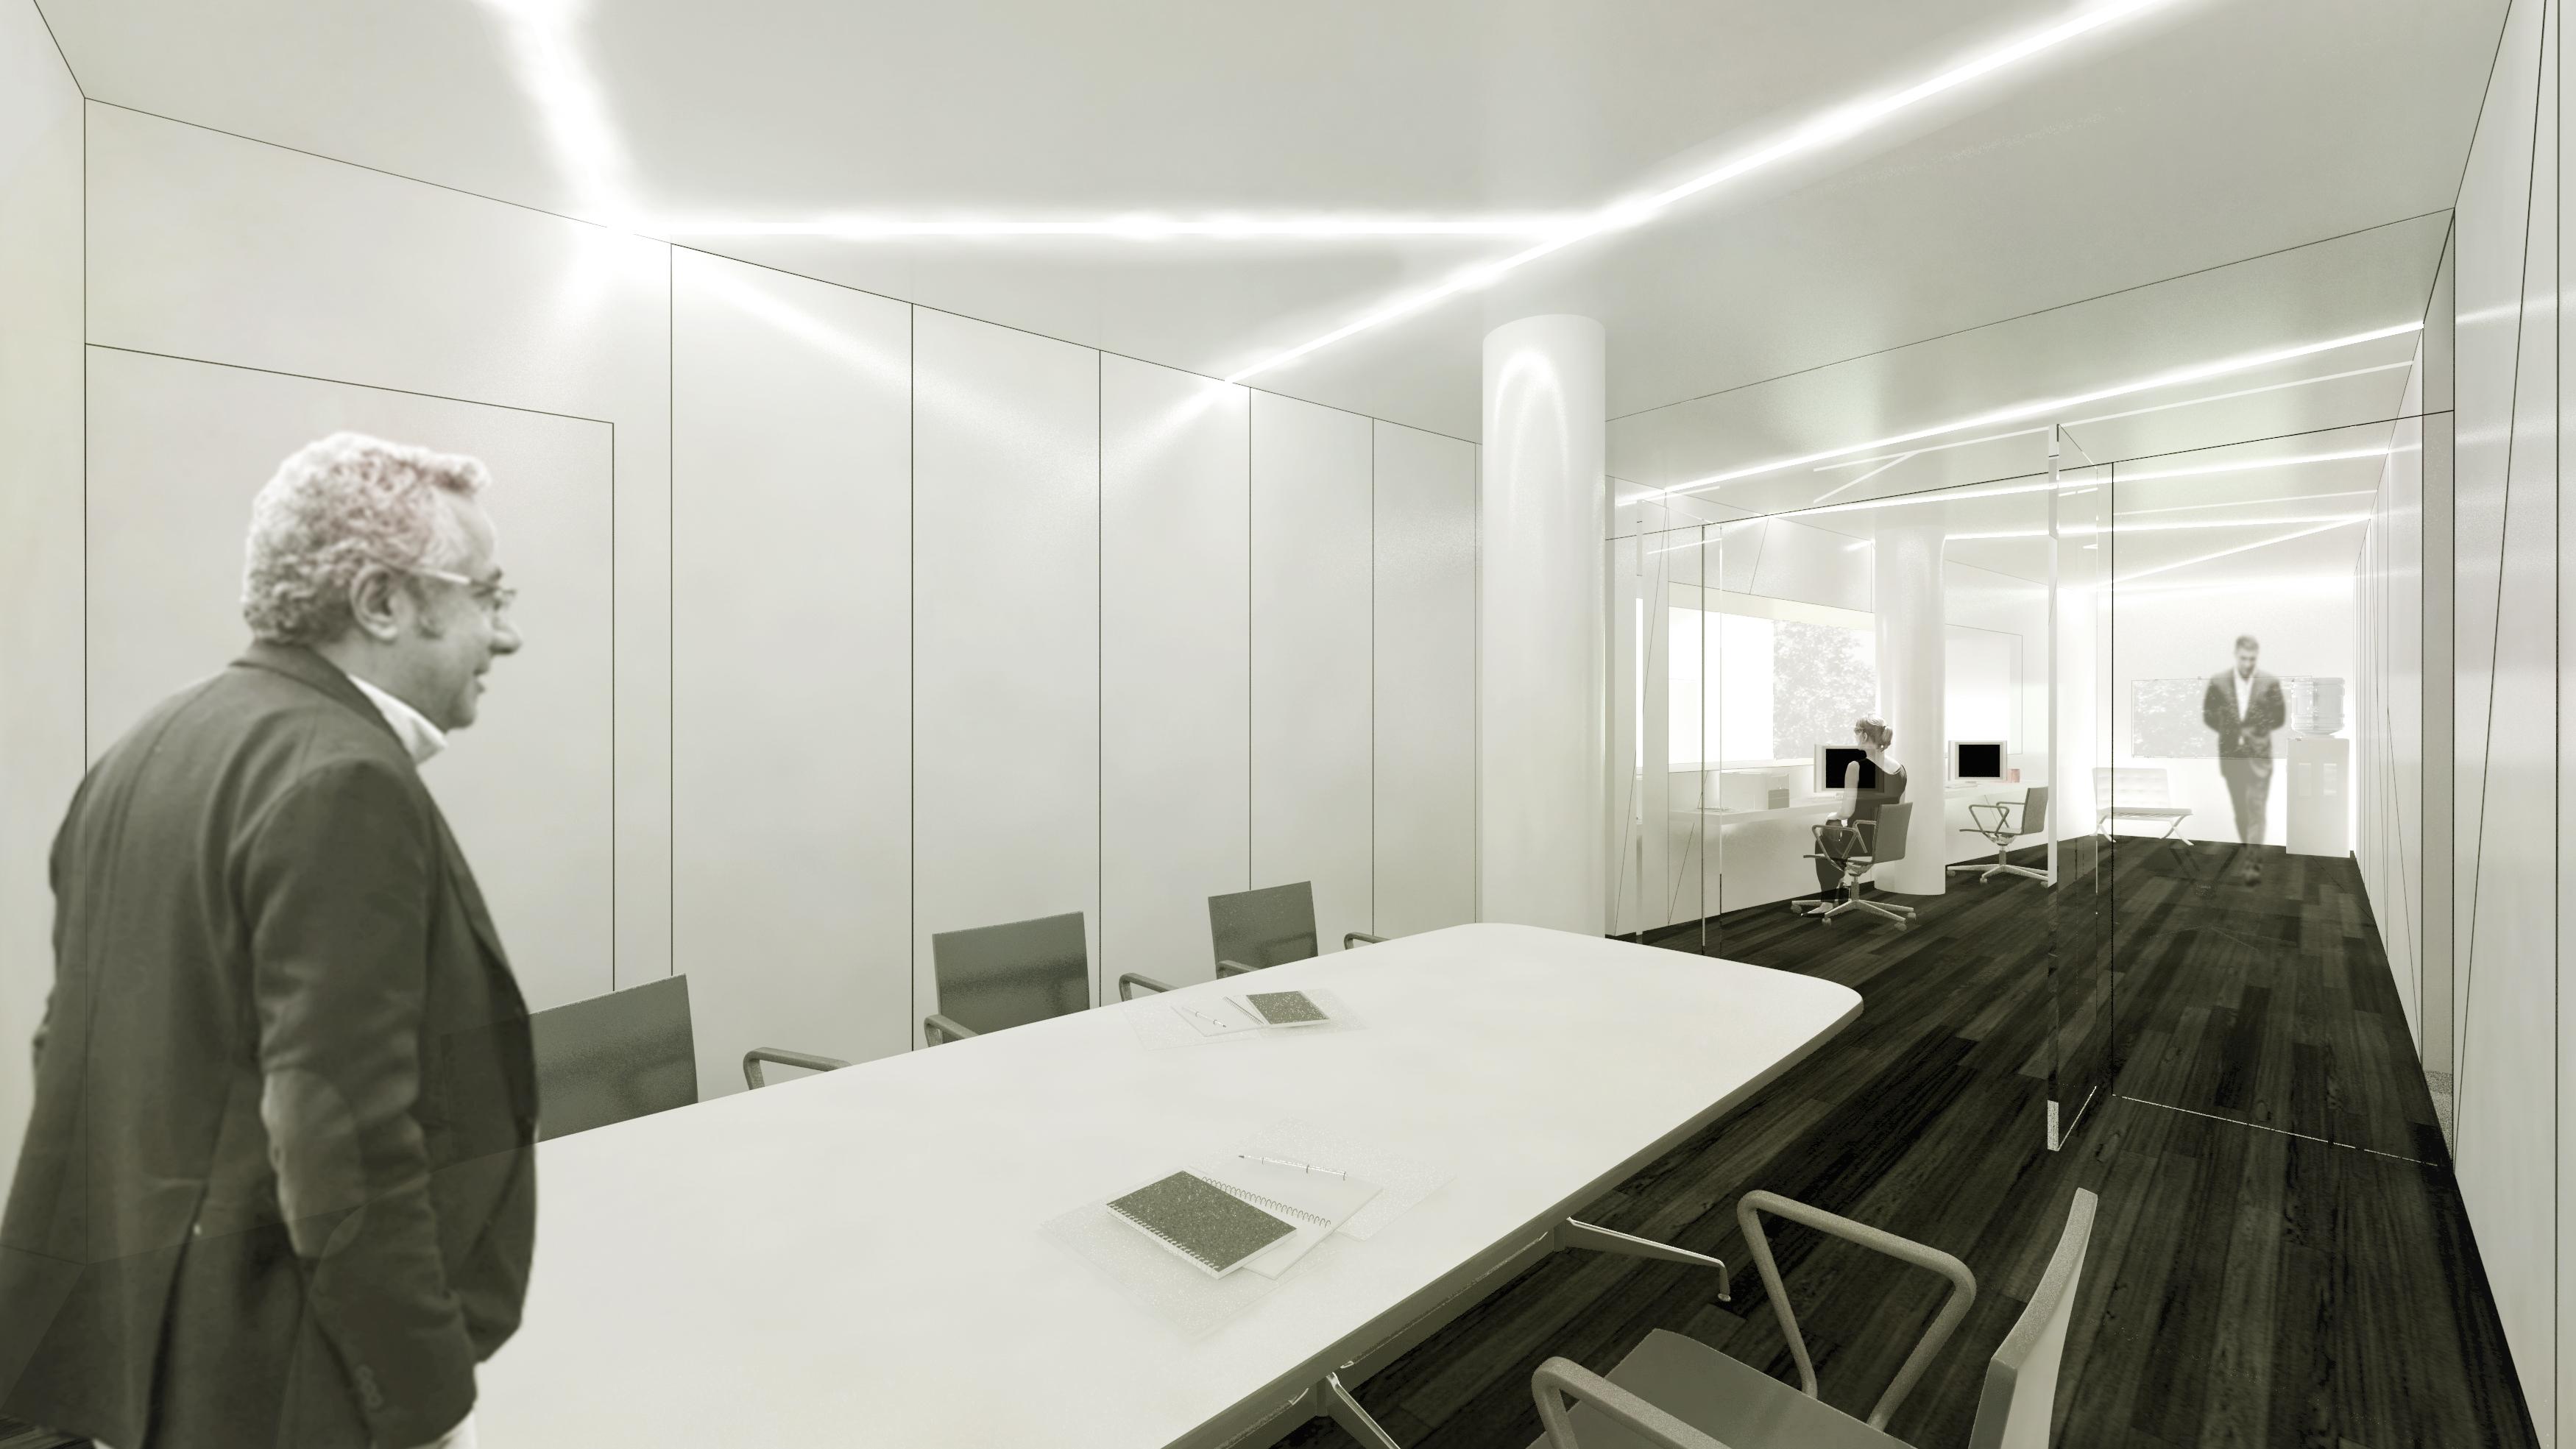 Concurso arquitectura oficina de arquia en valladolid - Escuela de arquitectura de valladolid ...